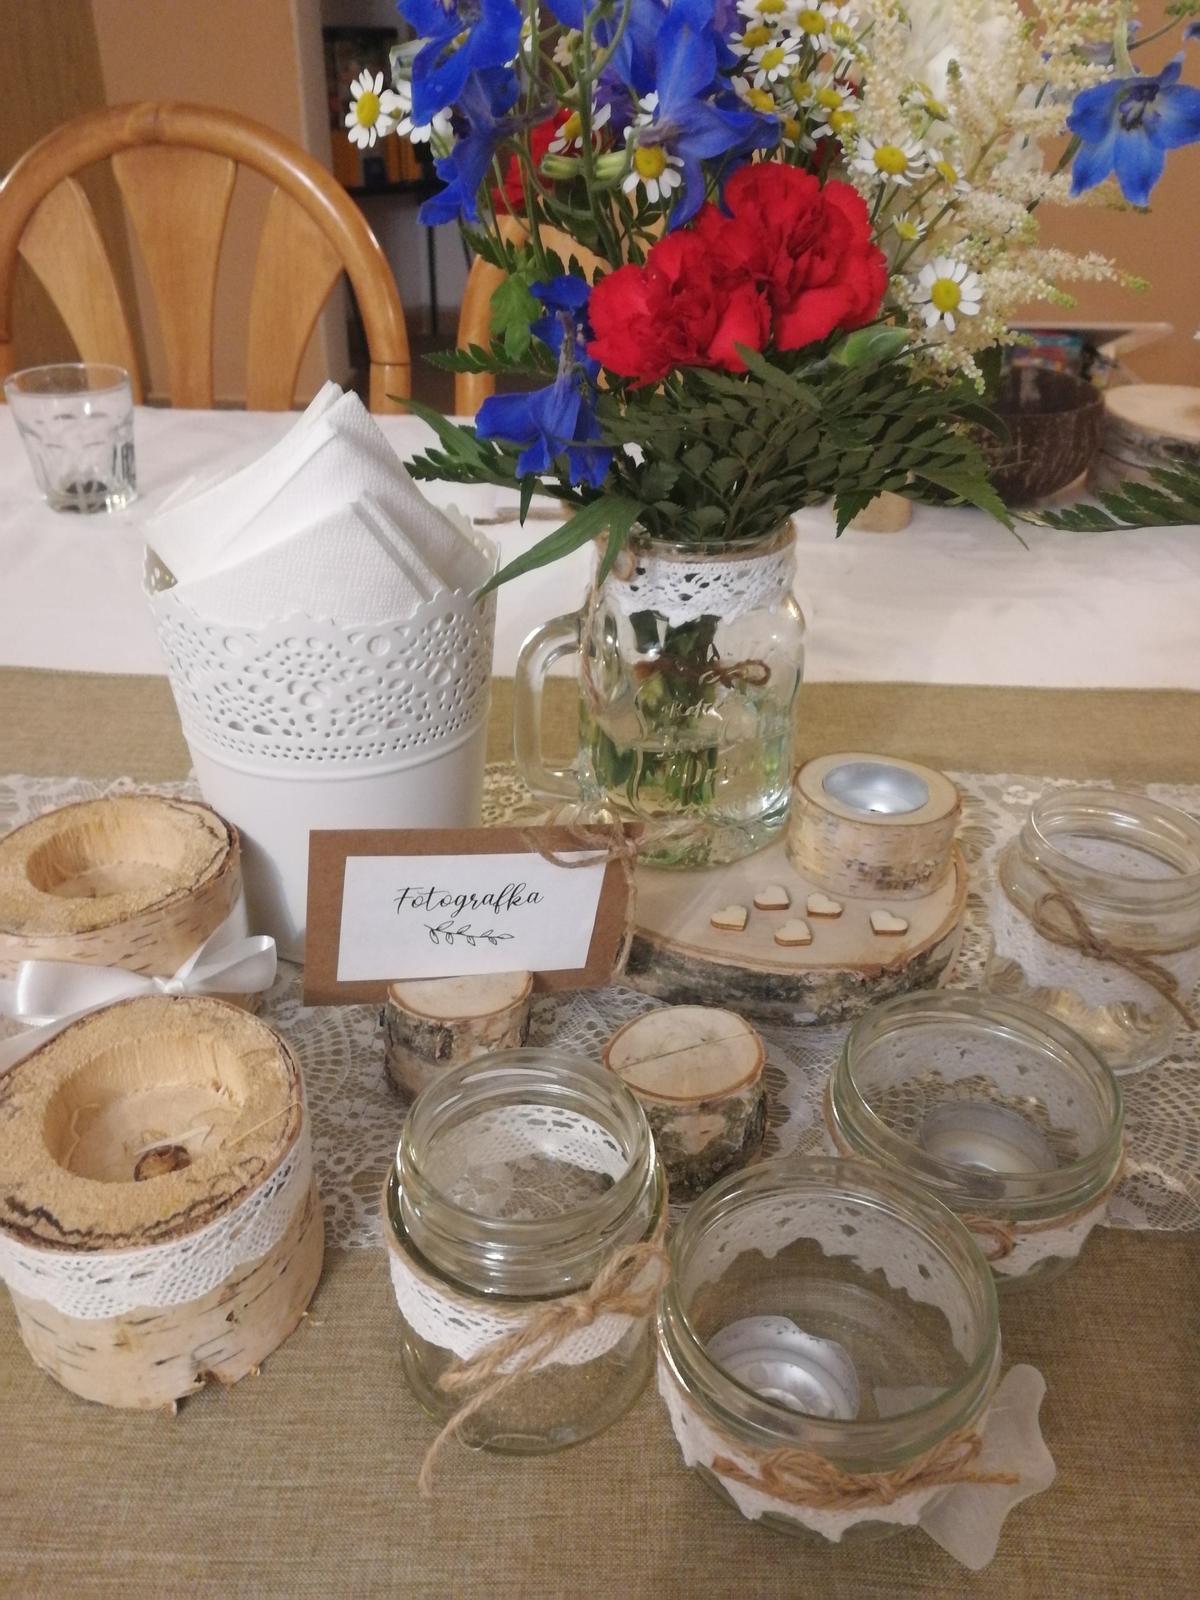 Svatební dekorace na stůl - Obrázek č. 2